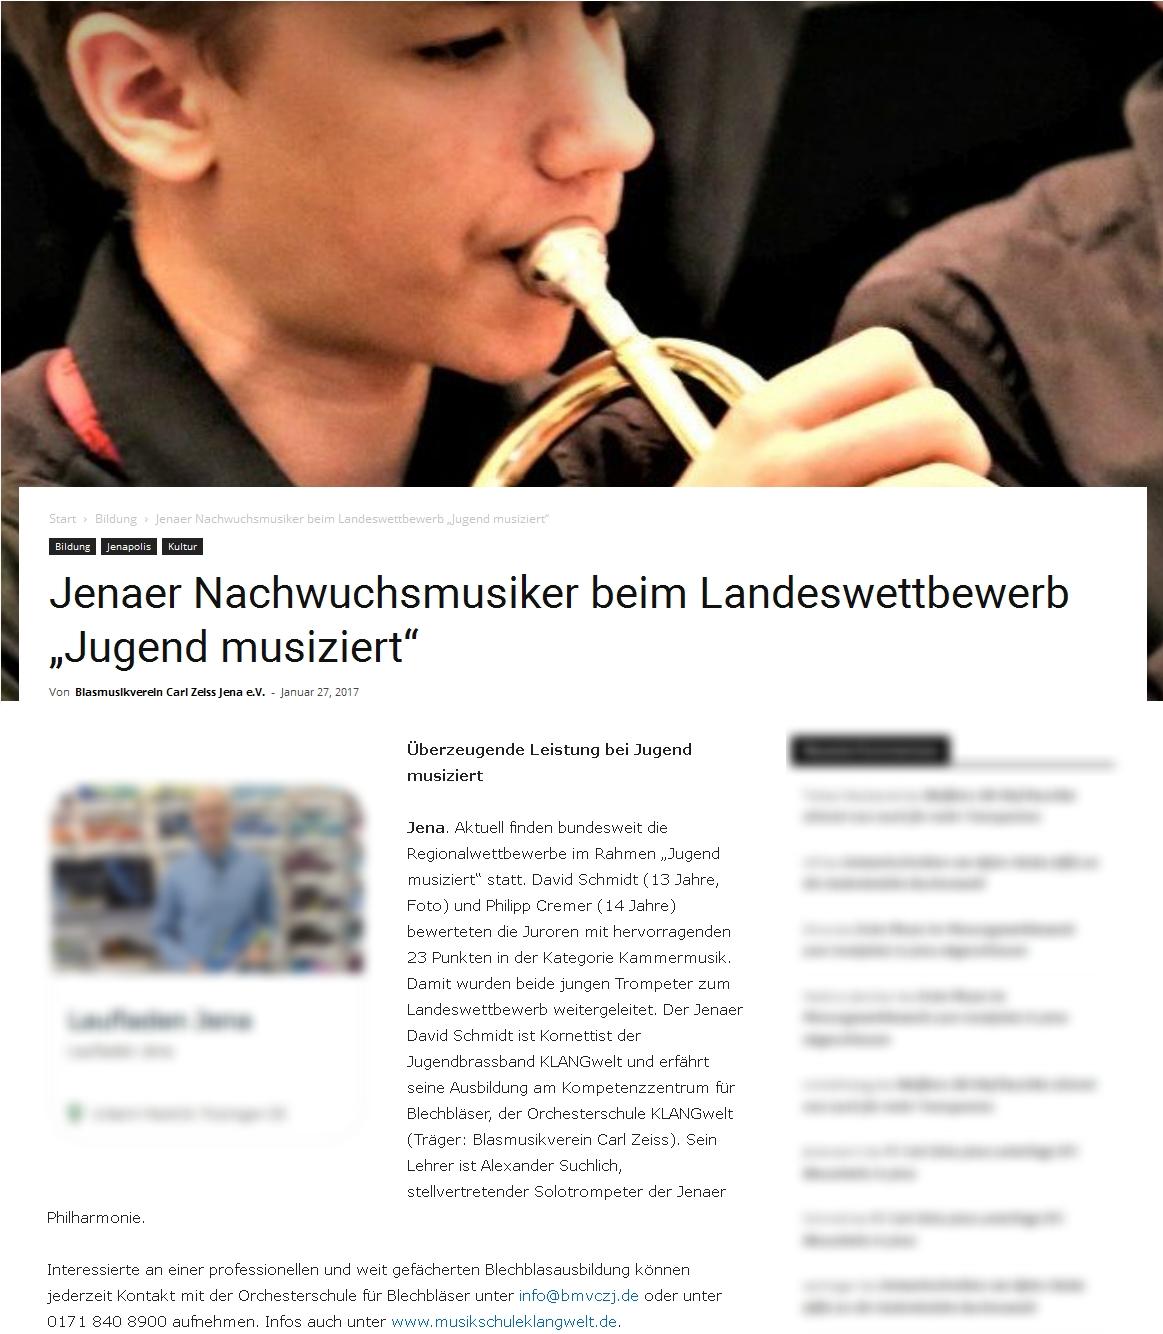 Online-Artikel zur Teilnahme eines Mitglieds der Jugendbrassband KLANGwelt bei Jugend musiziert